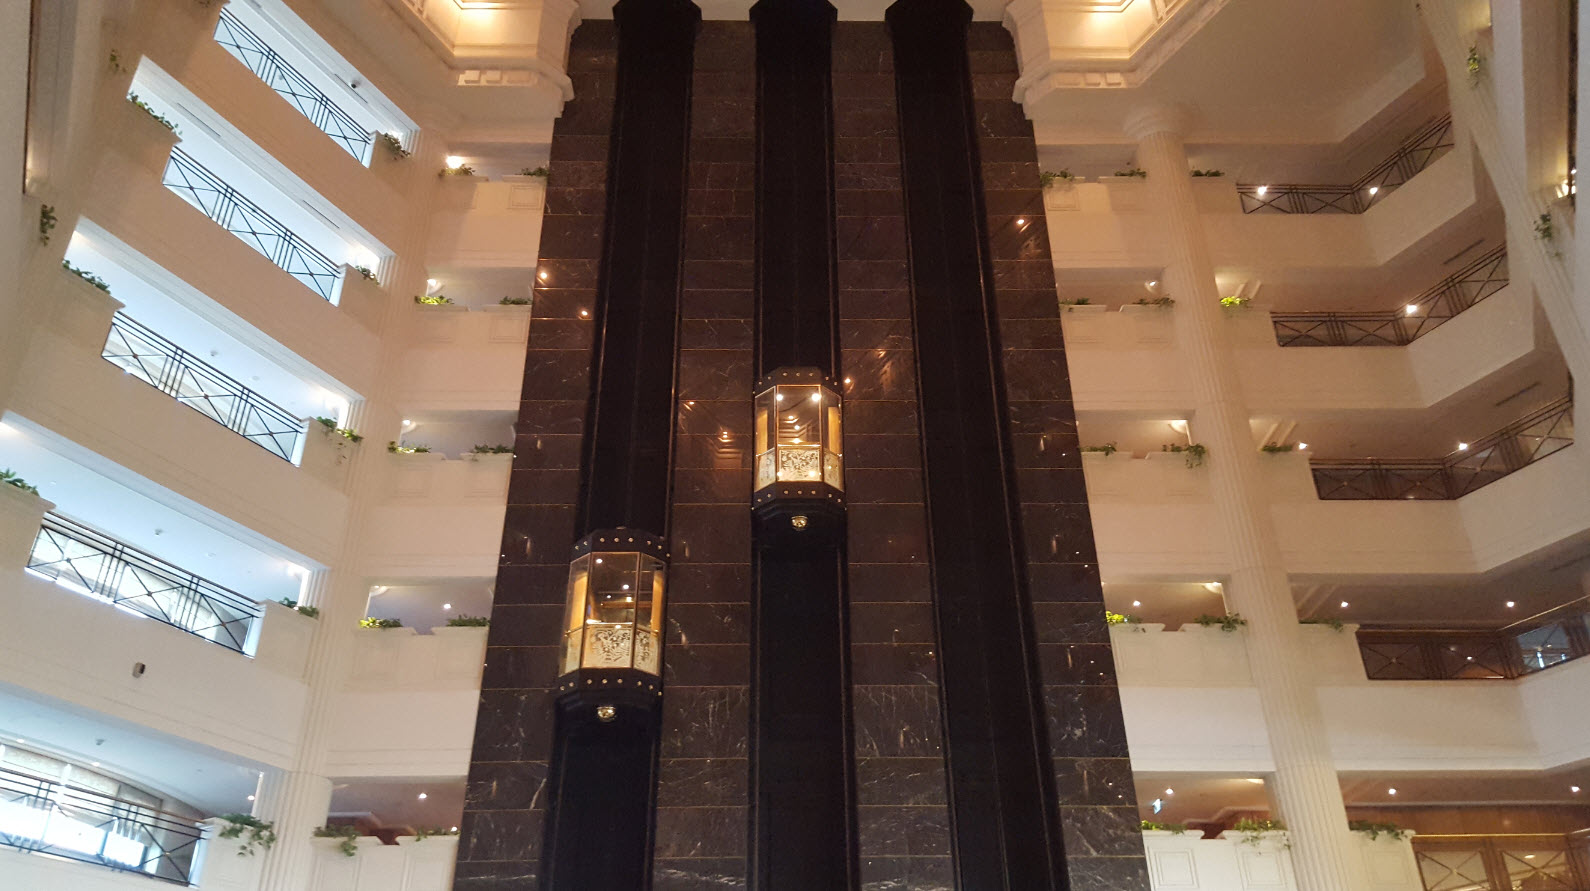 Ascenseurs en verre